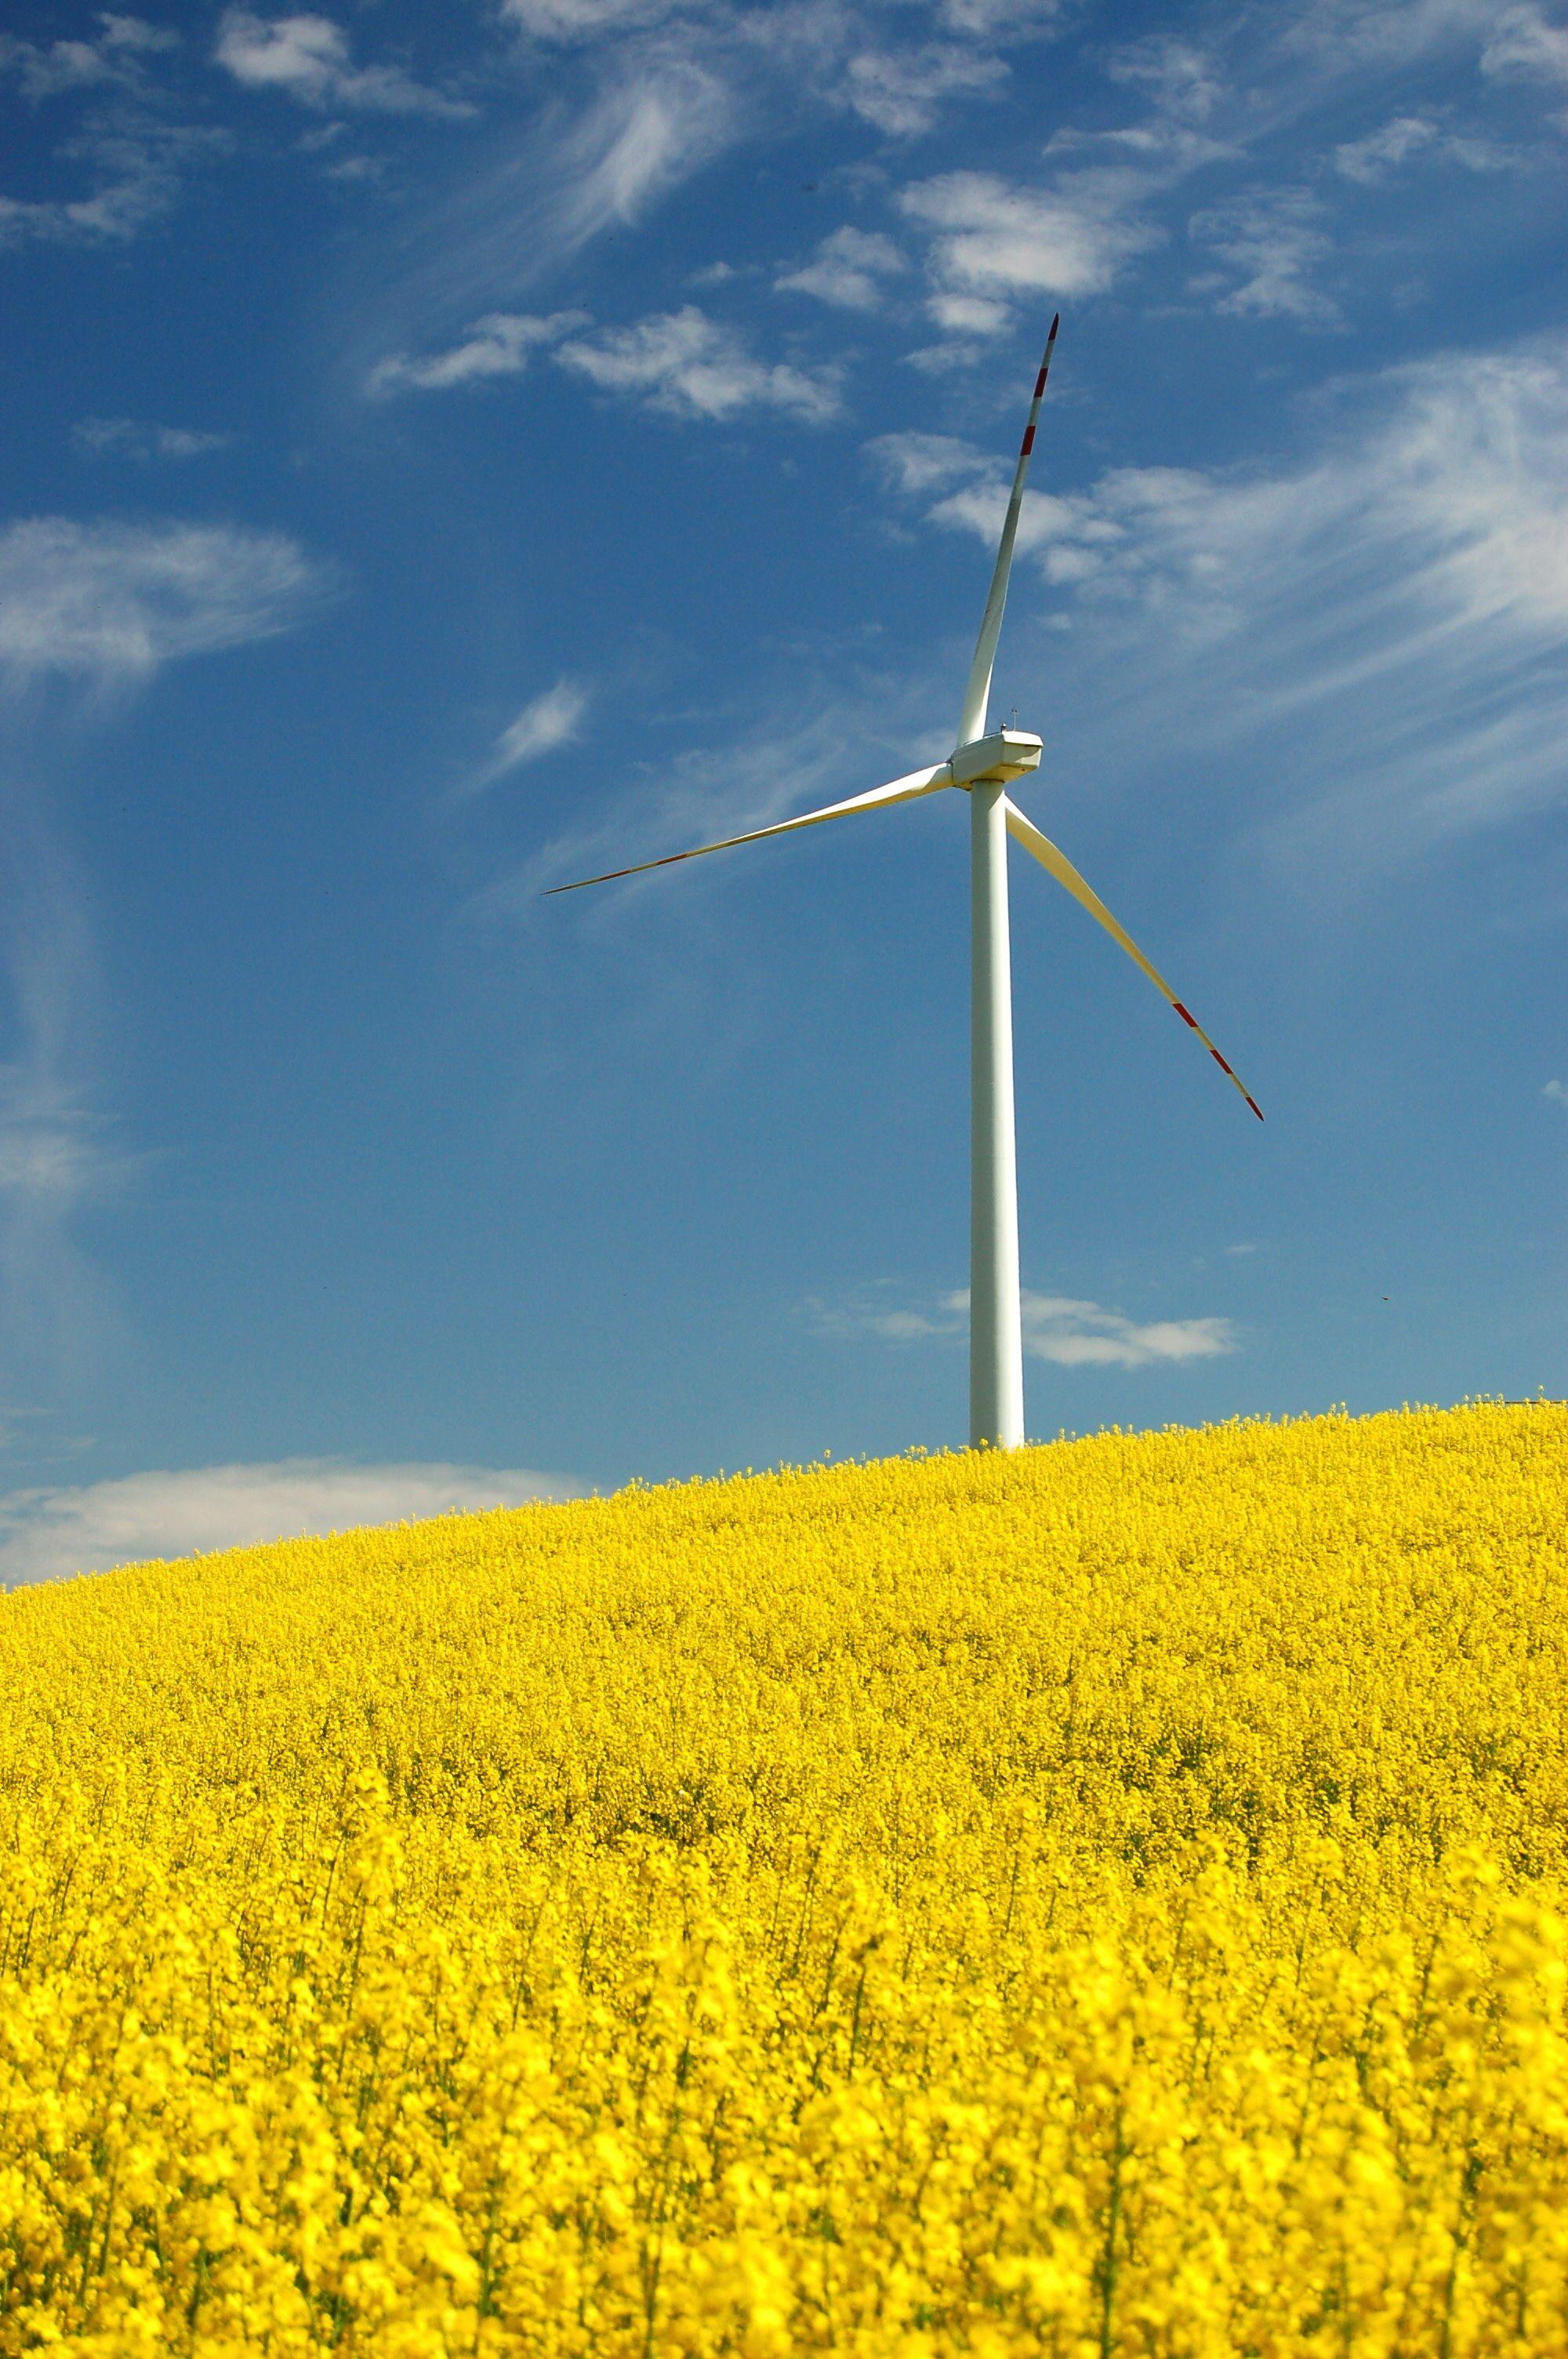 Renewable energy or wind energy technology